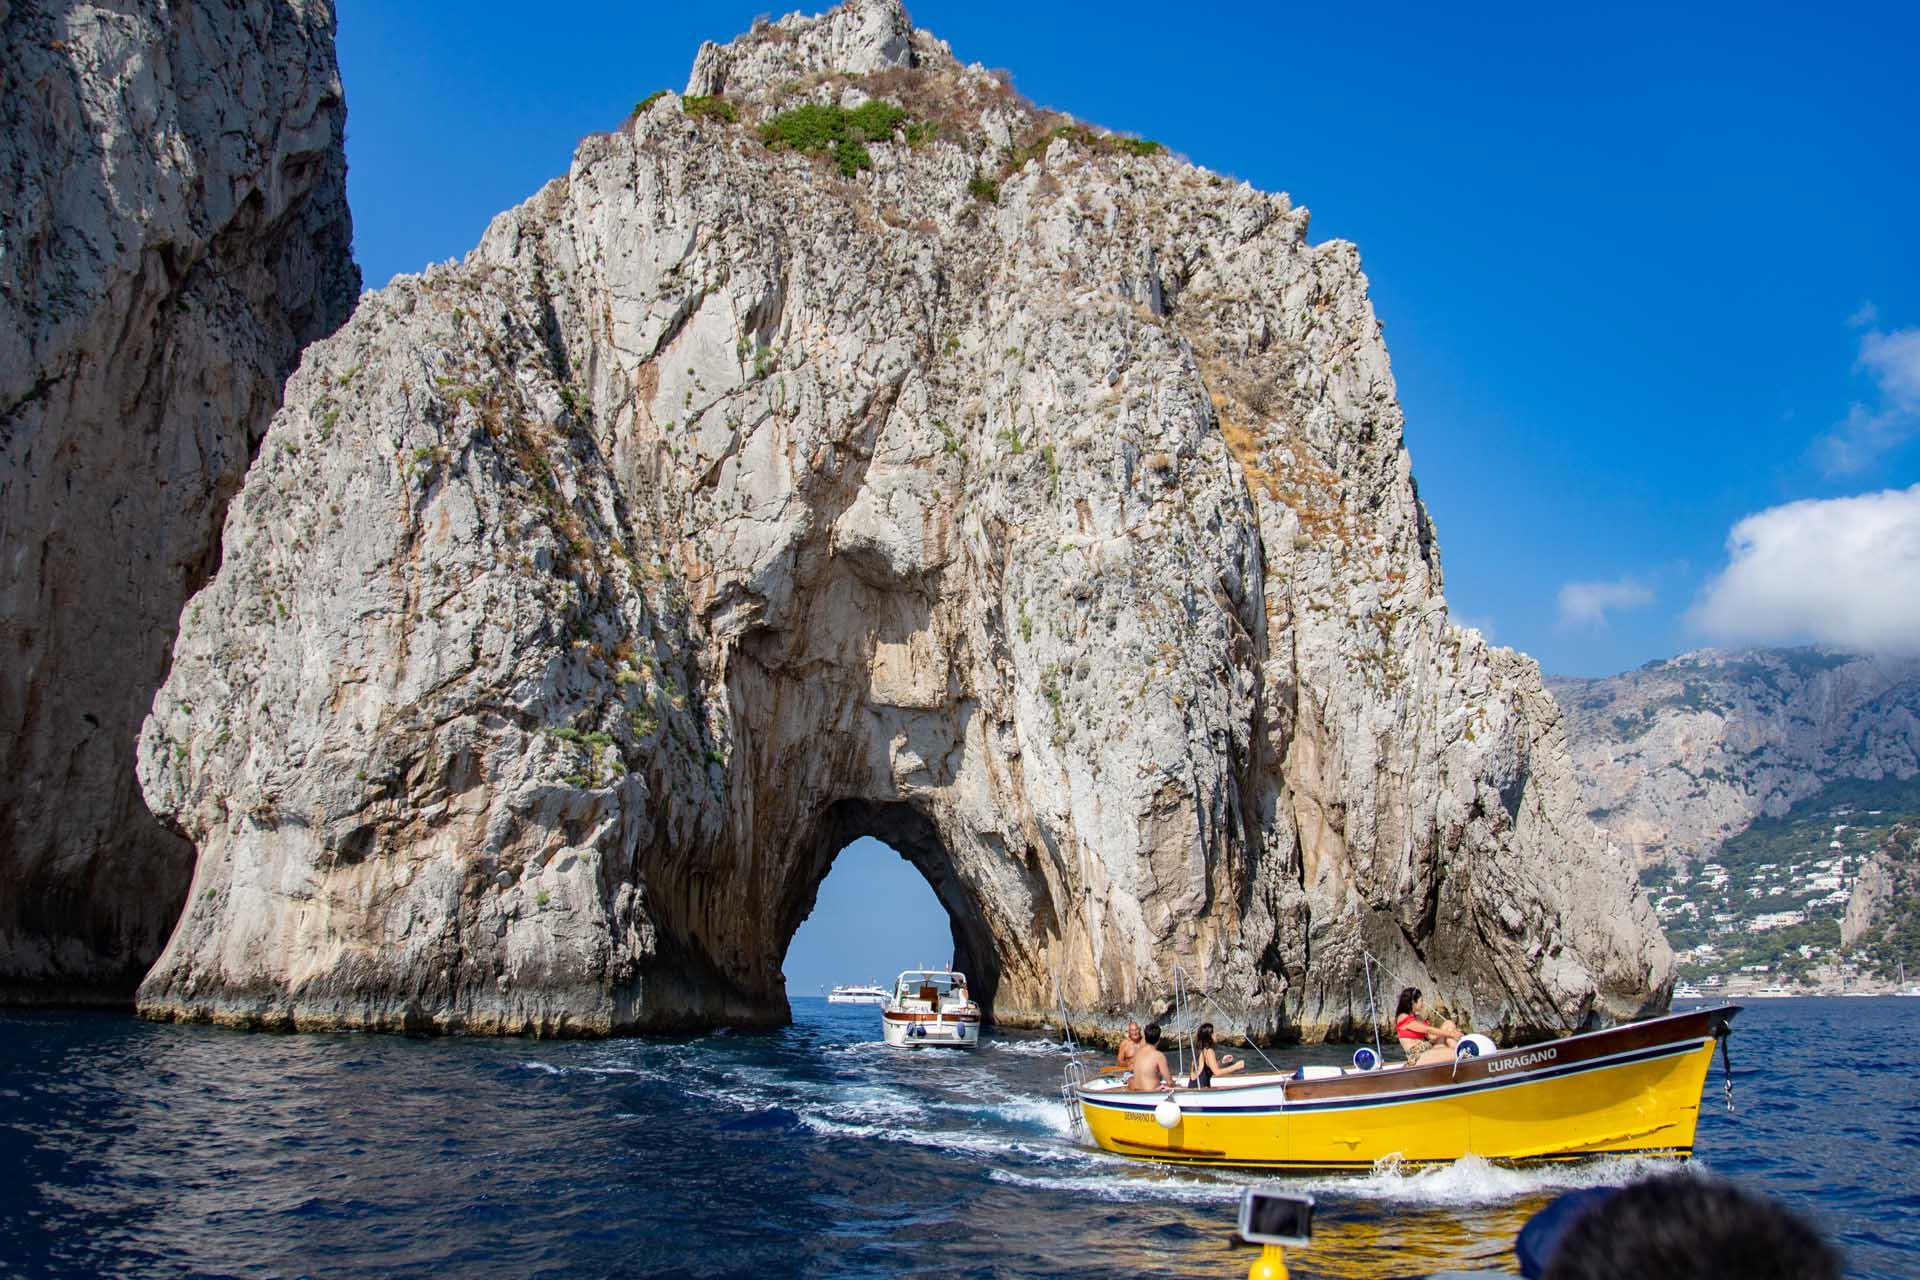 Passaggio con la barca sotto il faraglione di Capri